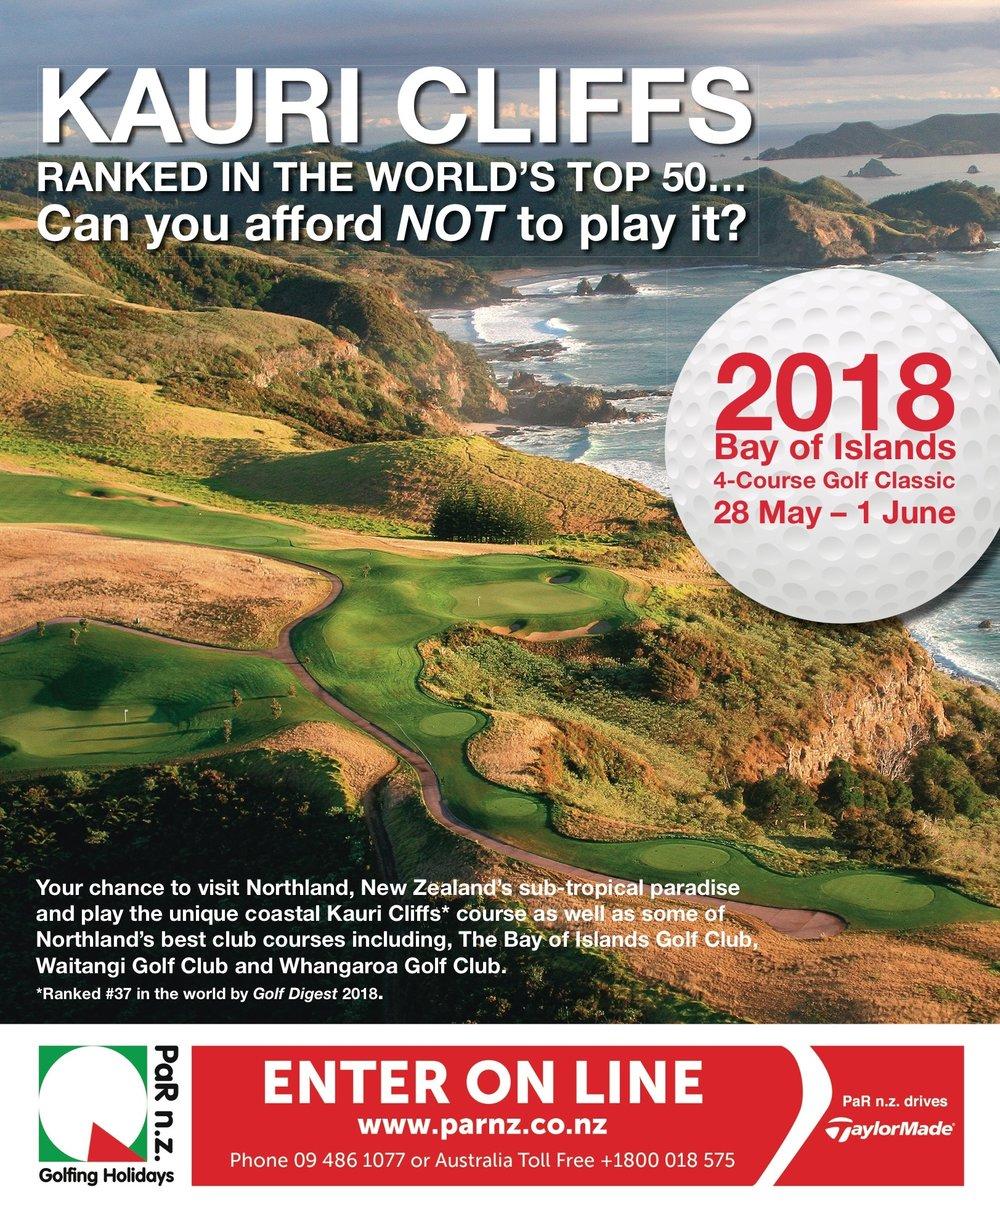 Par NZ FULL PAGE 201803.jpg